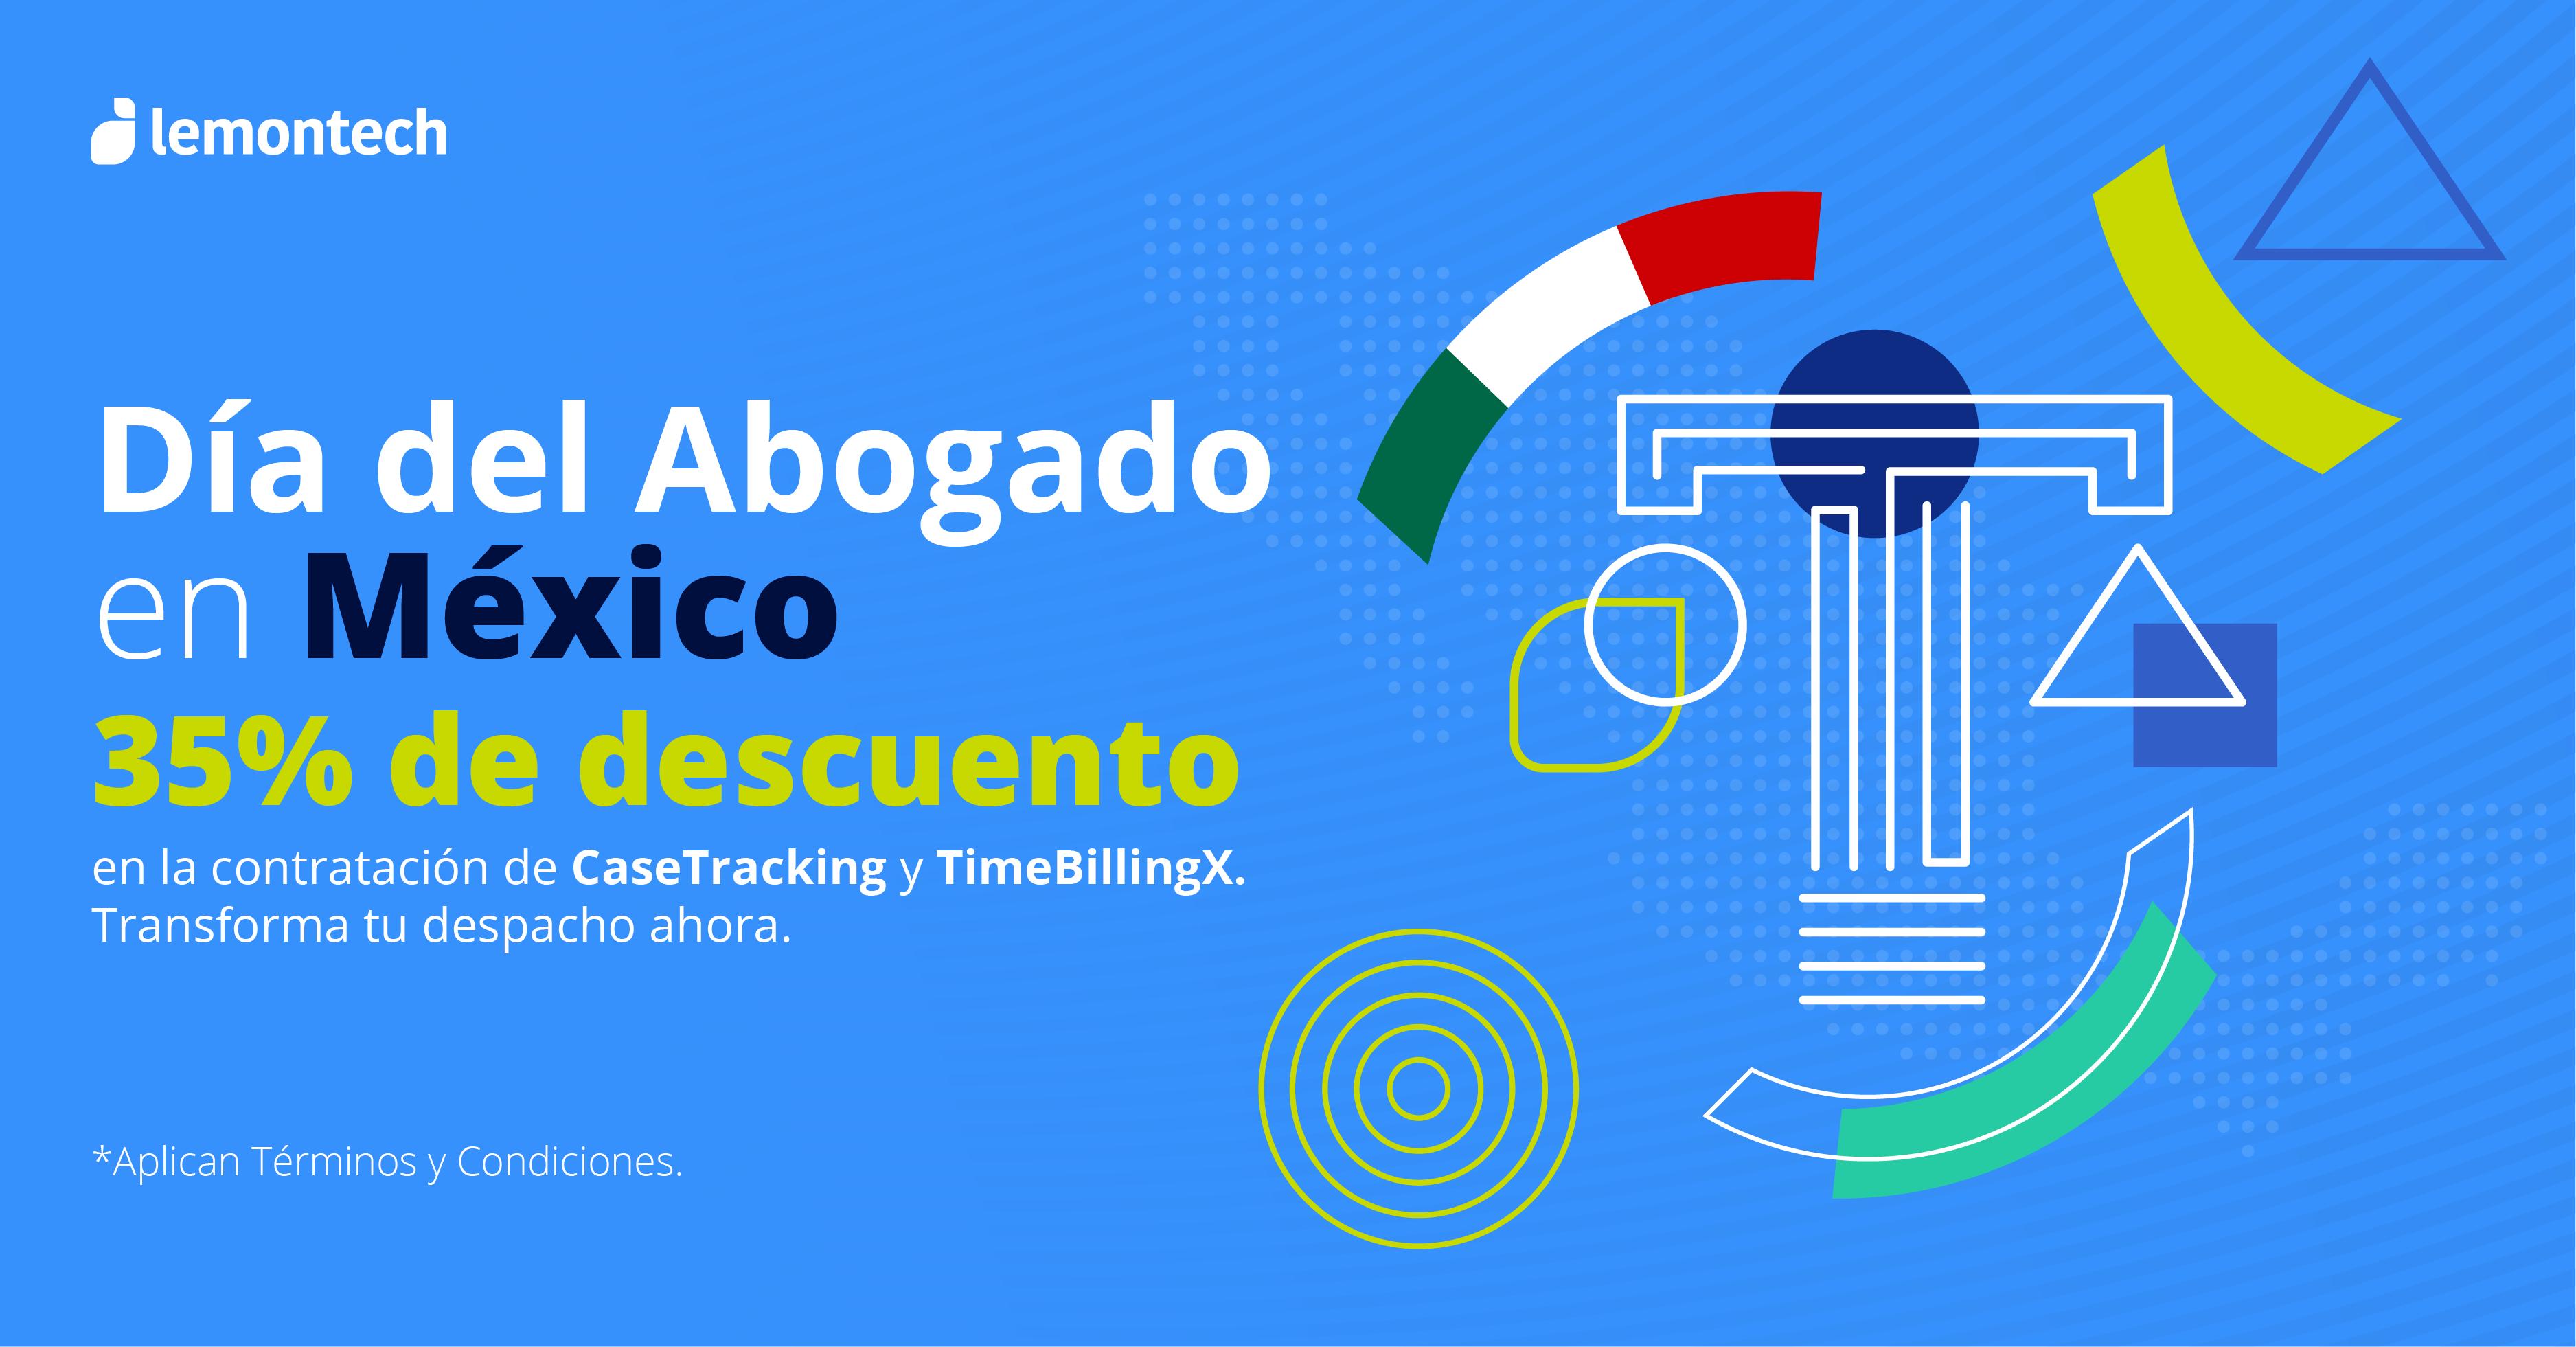 Día del Abogado México: 35% descuento